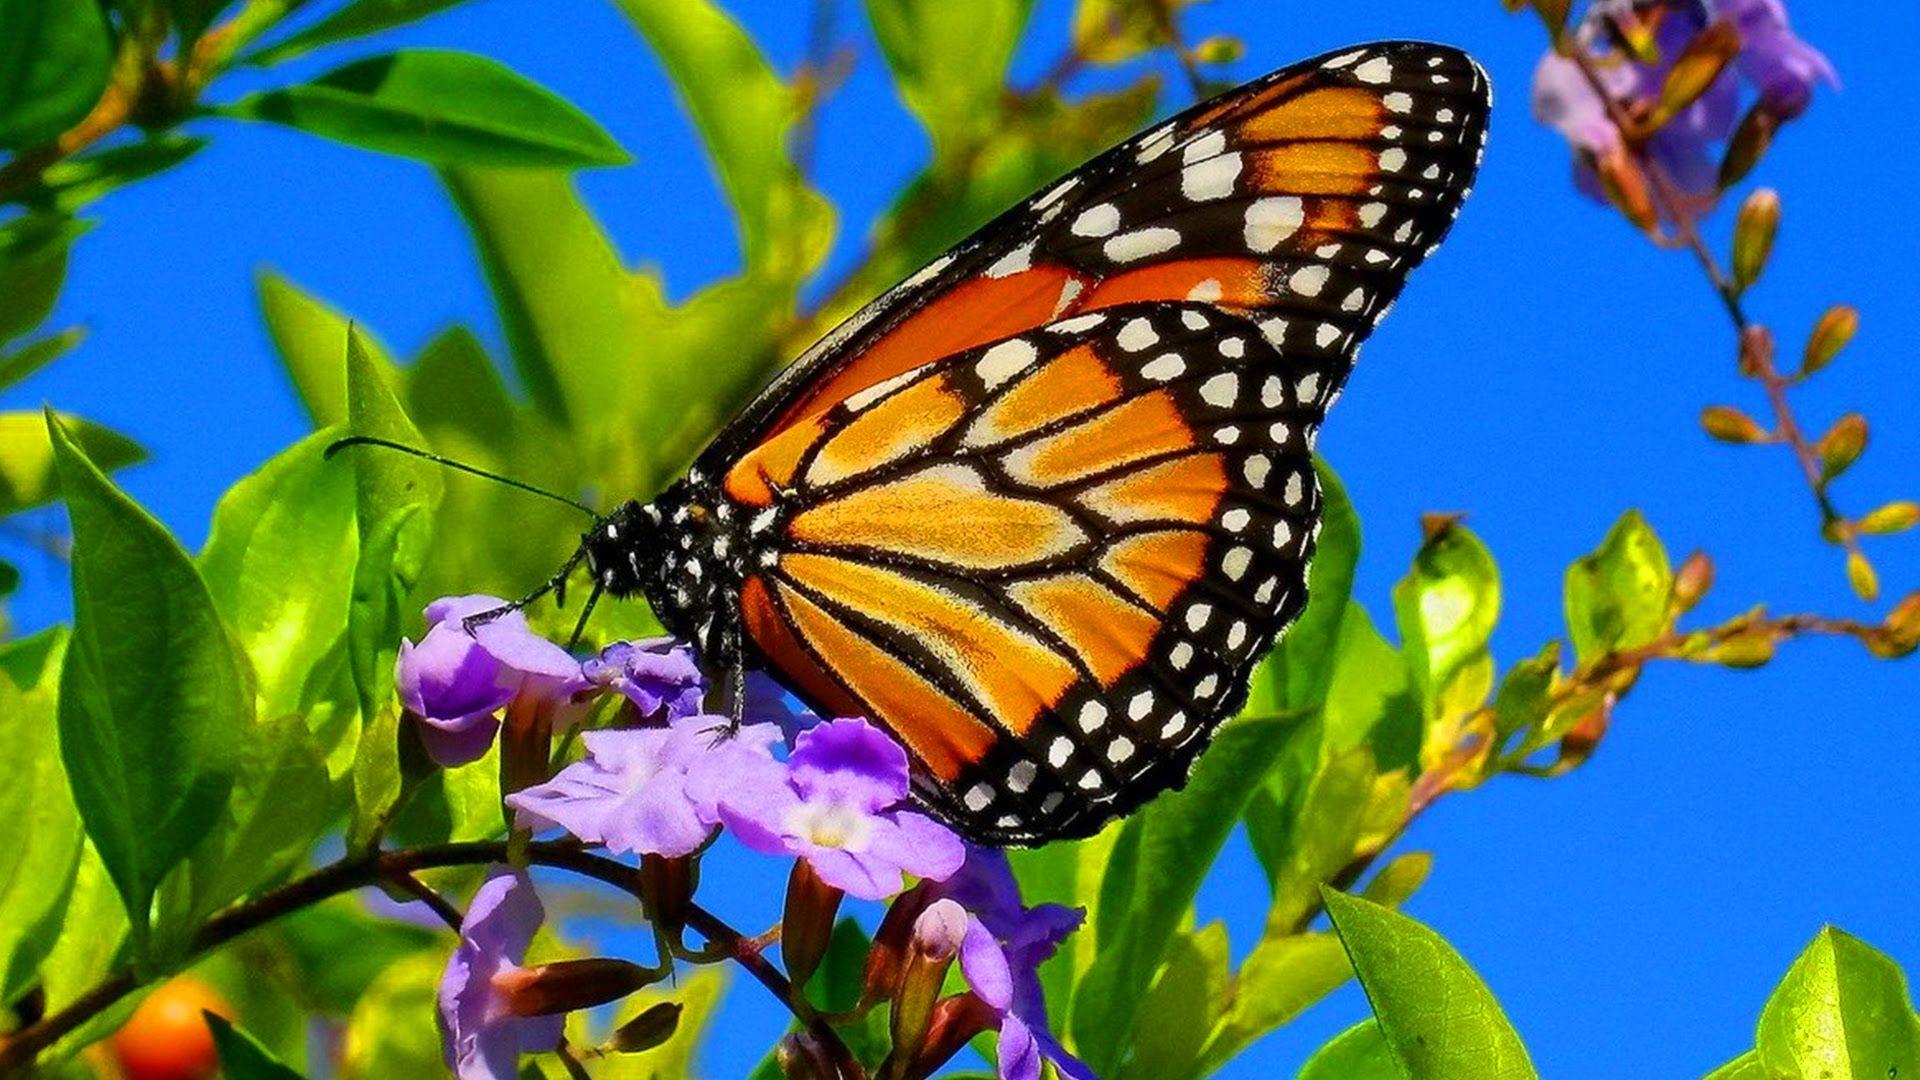 Beautiful Butterflies The Best Relaxing Piano Sleep Relaxing Music 2 Hours Hd 1080p Beautiful Butterflies Relaxing Music Butterflies Flying